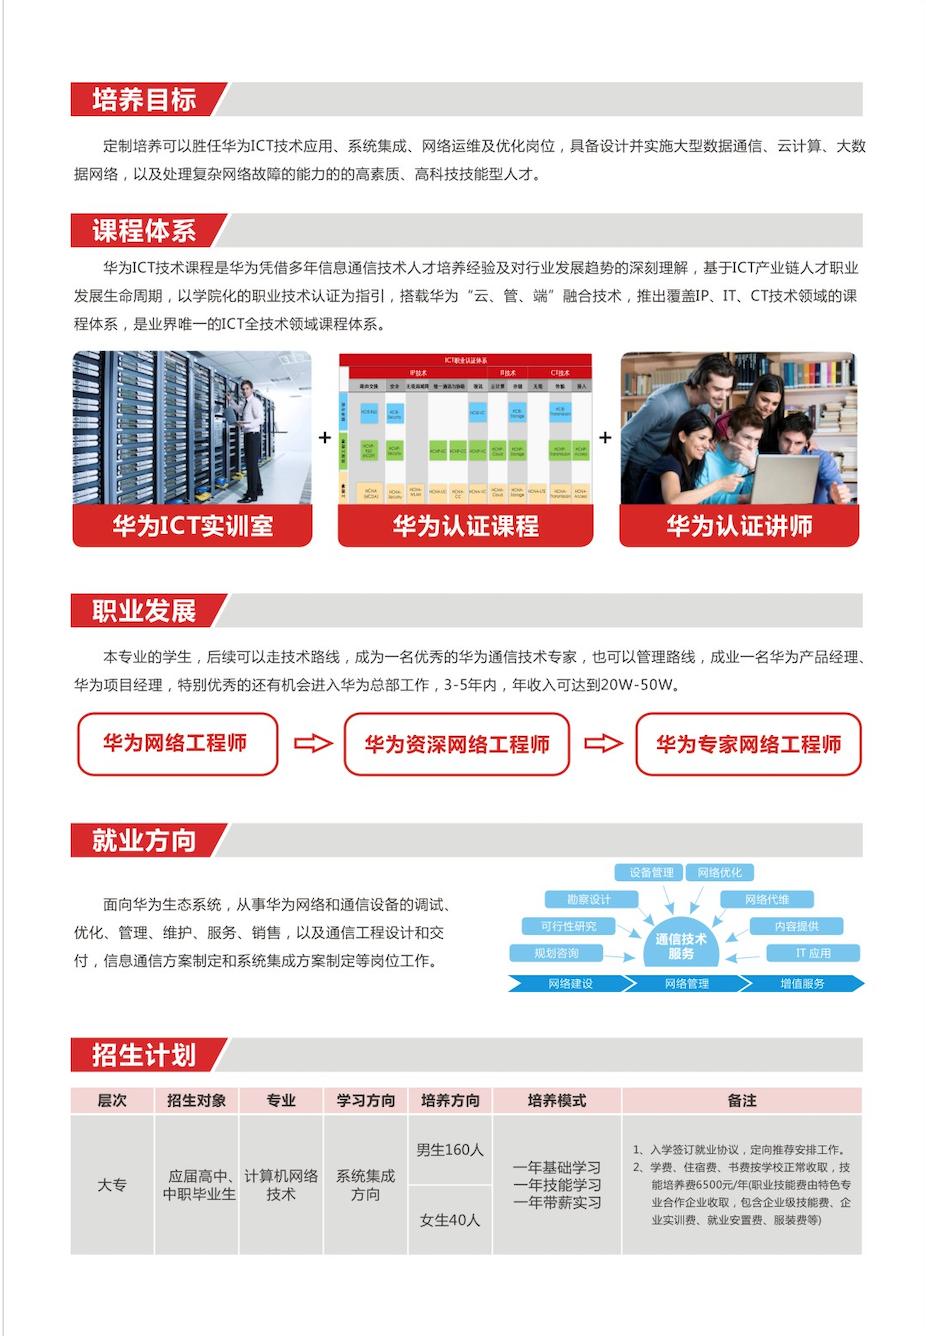 河南质量工程职业学院特色班、课程体系、就业方向、招生计划